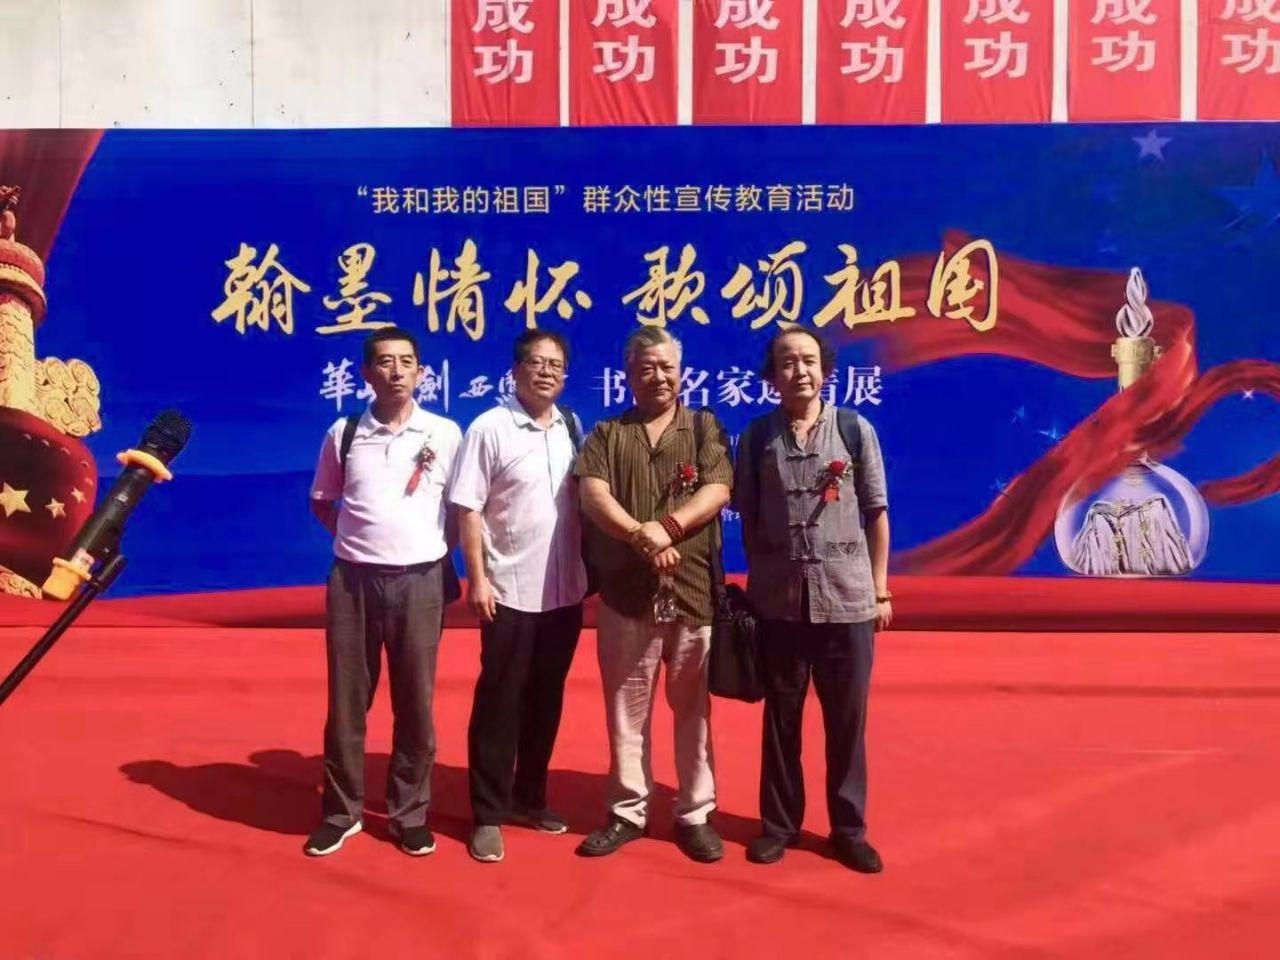 翰墨情怀歌颂祖国 书画展在泾渭中路社区拉开帷幕